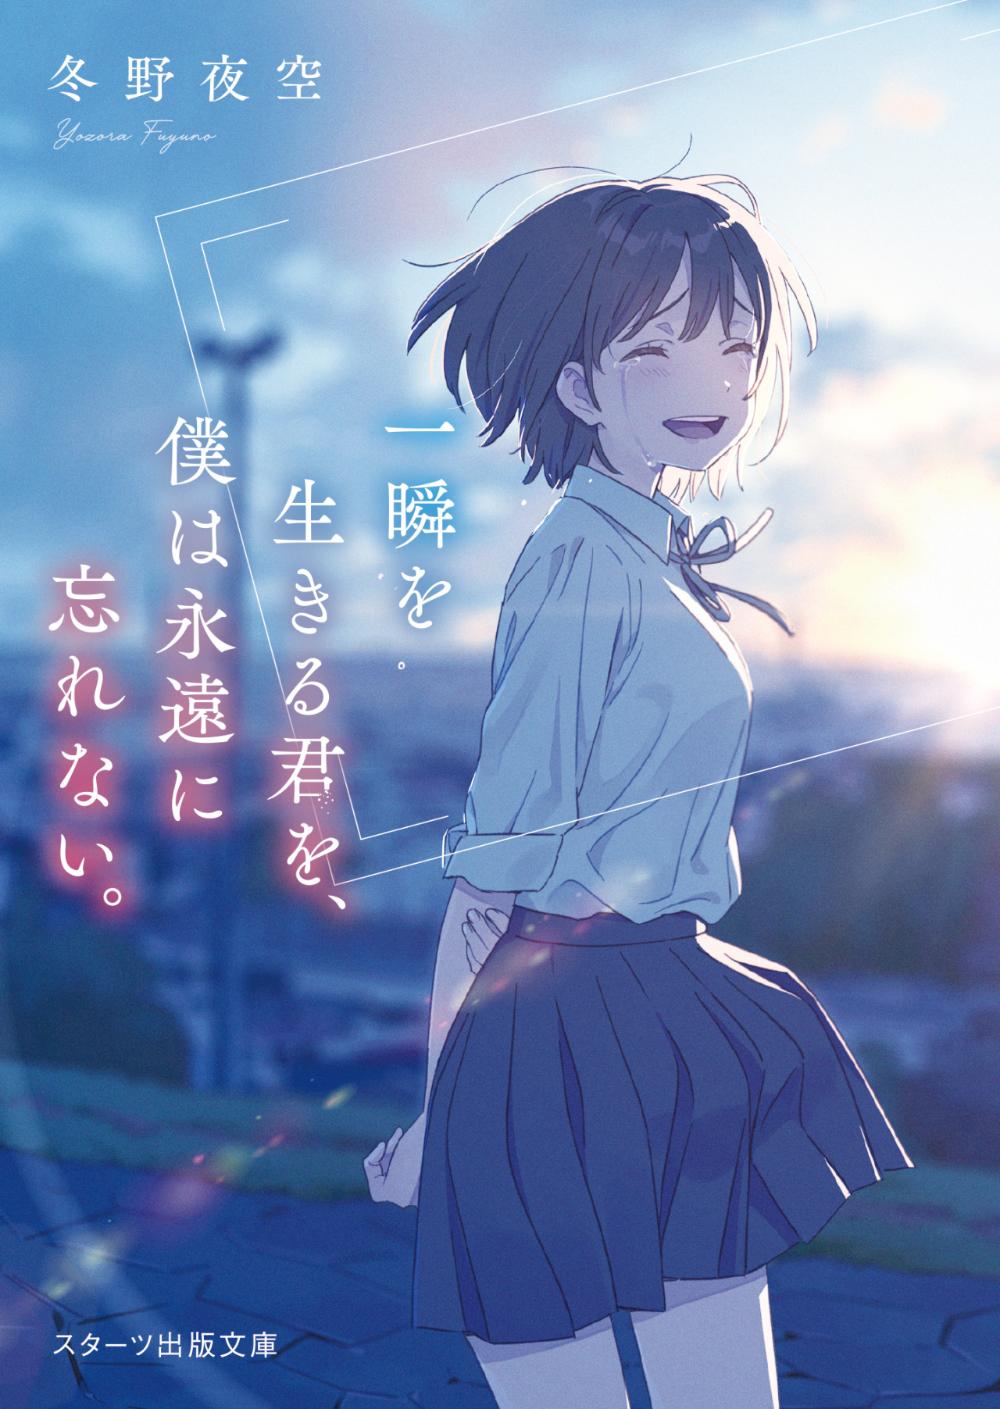 へちま On Twitter Anime Artwork Anime Art Beautiful Anime Art Girl